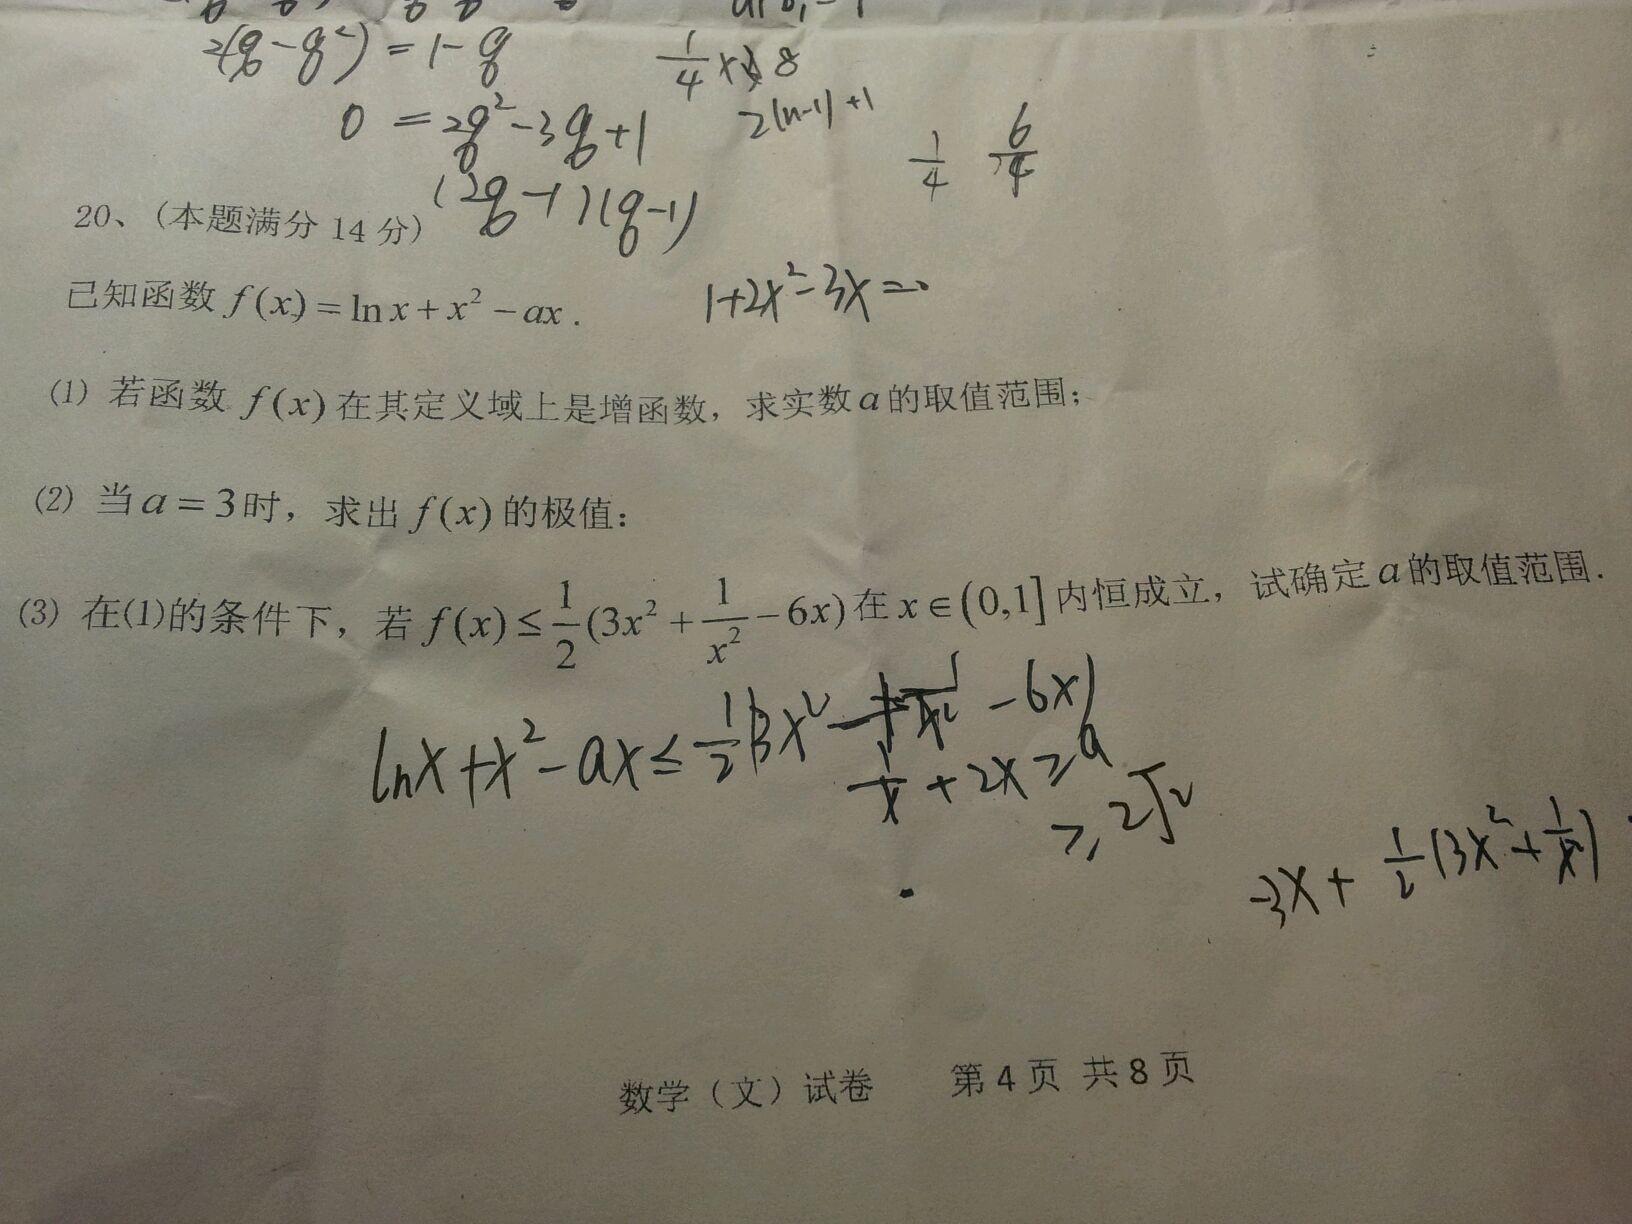 愺`/9�_哥哥愺`/9/ya_友言网